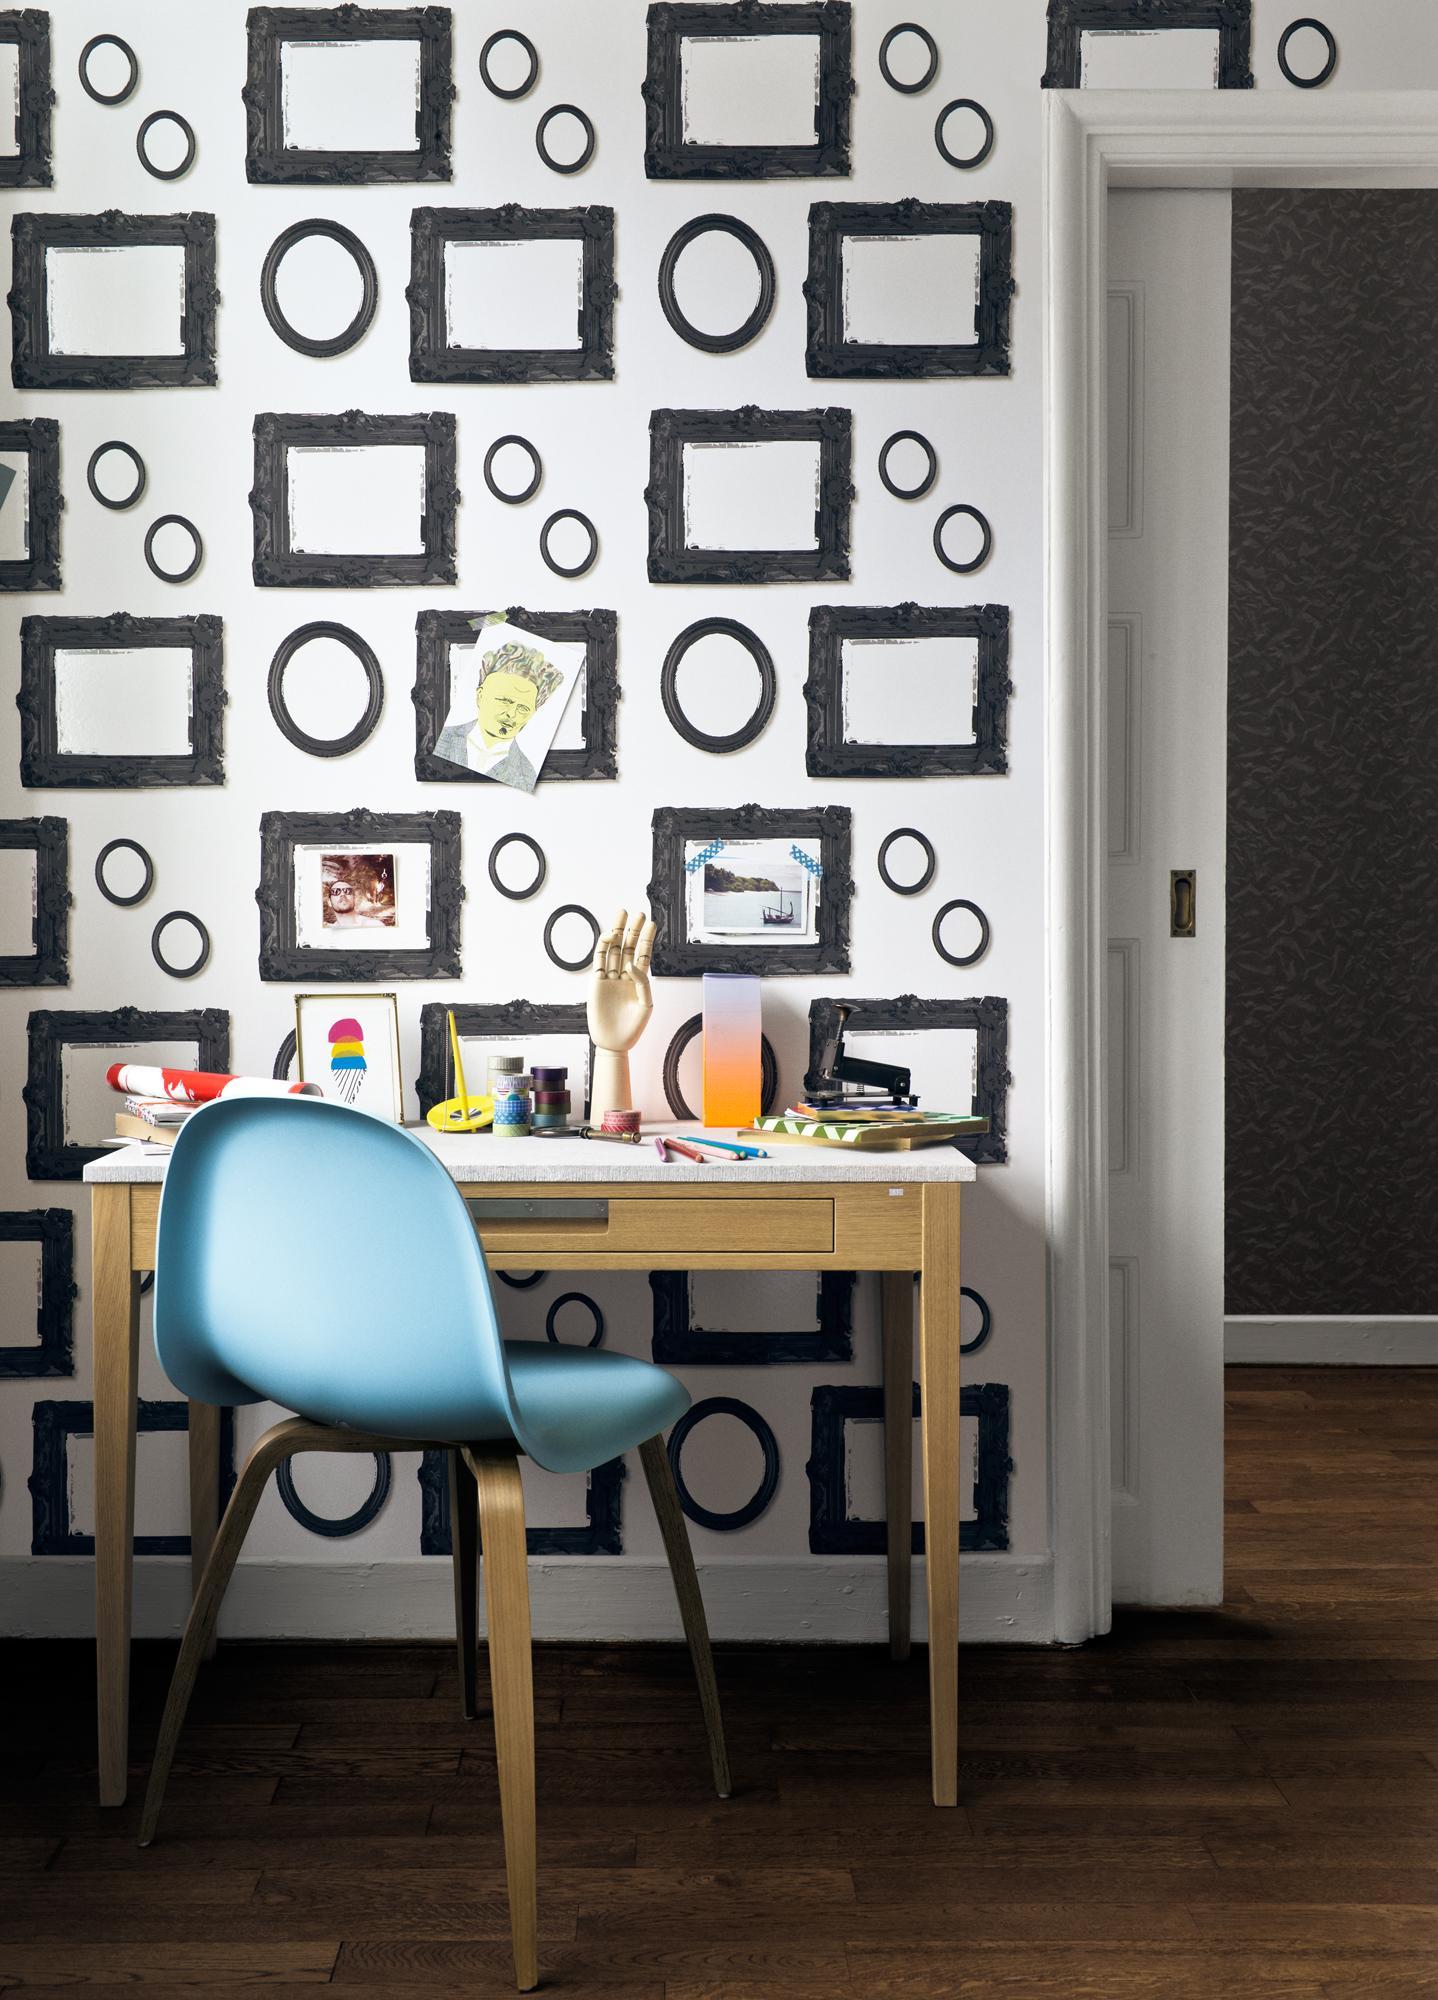 Tapete Mit Aufgedruckten Bilderrahmen Stuhl Arbeit